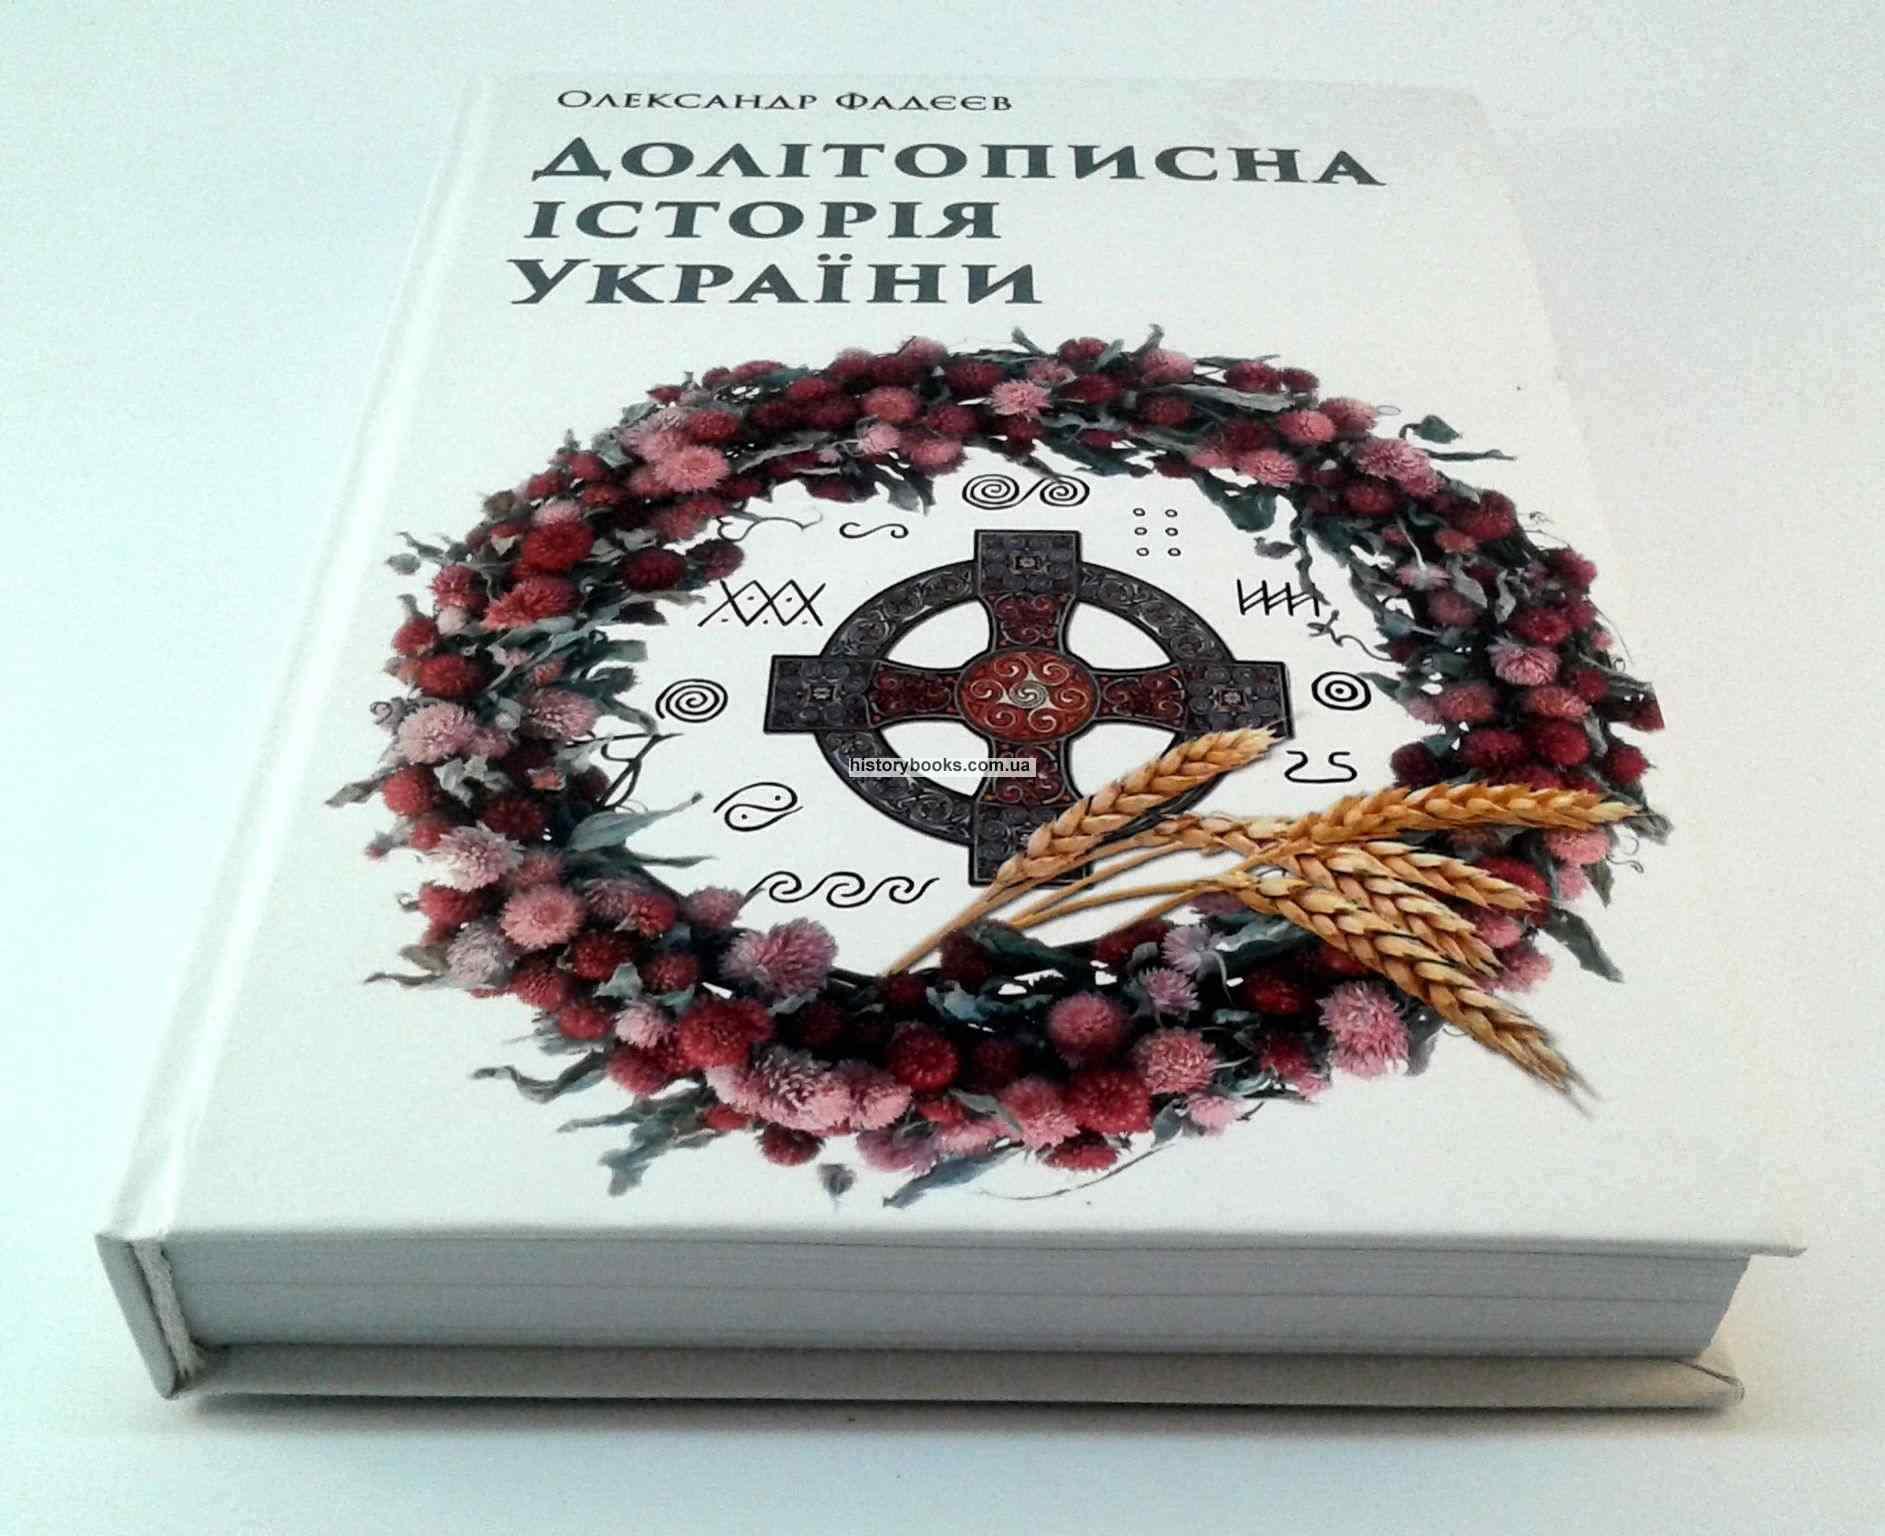 Картинки по запросу Олександр Фадєєв «Долітописна історія України»,